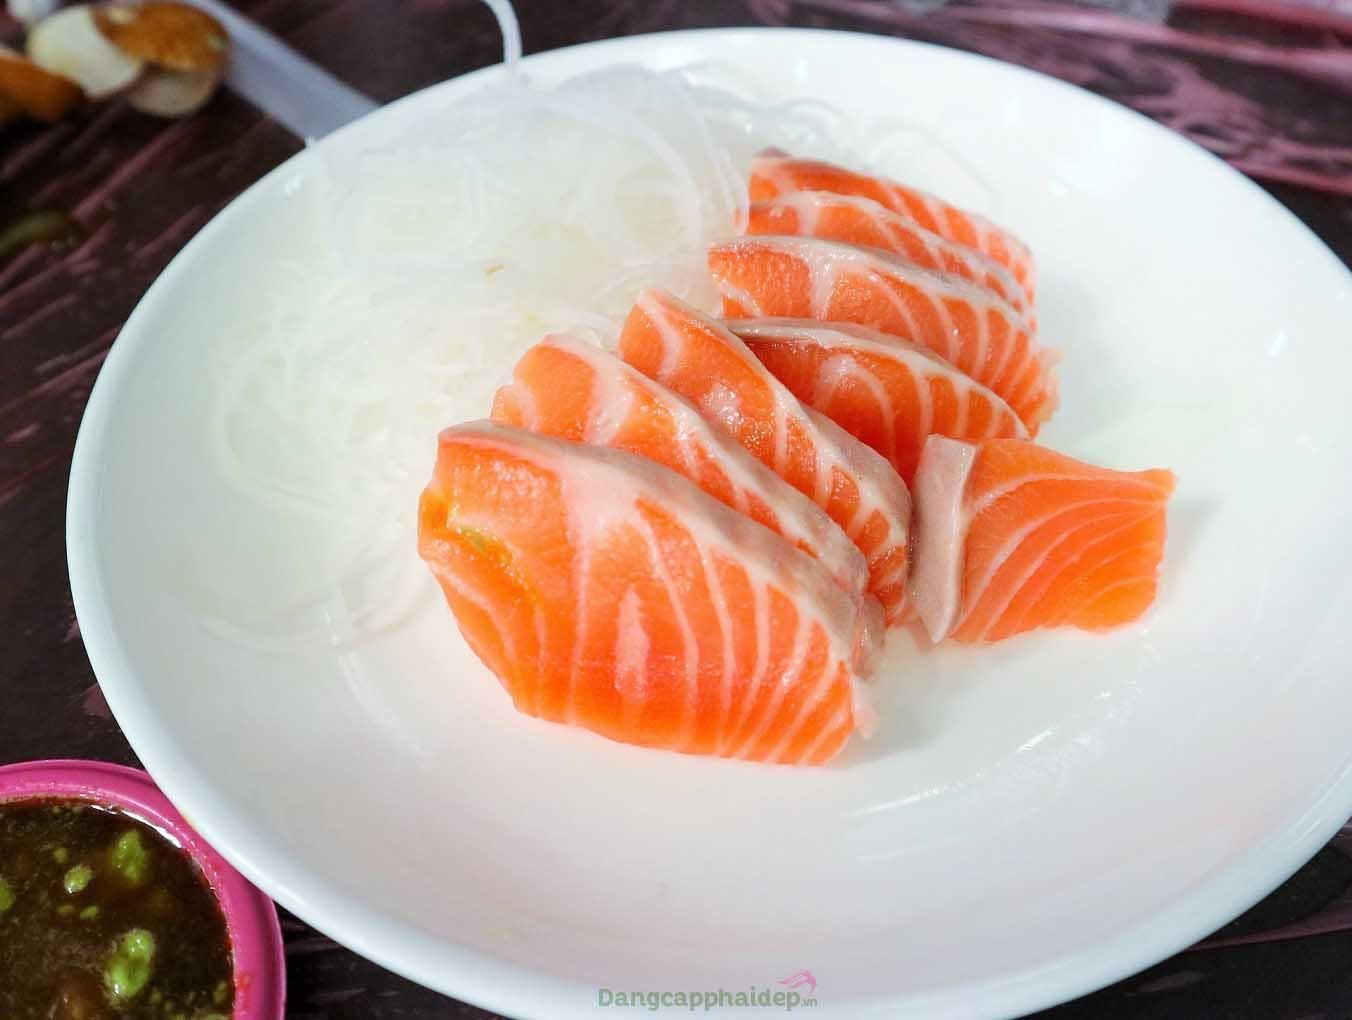 Sashimi cá hồi là món ăn nổi tiếng tại xứ sở hoa anh đào